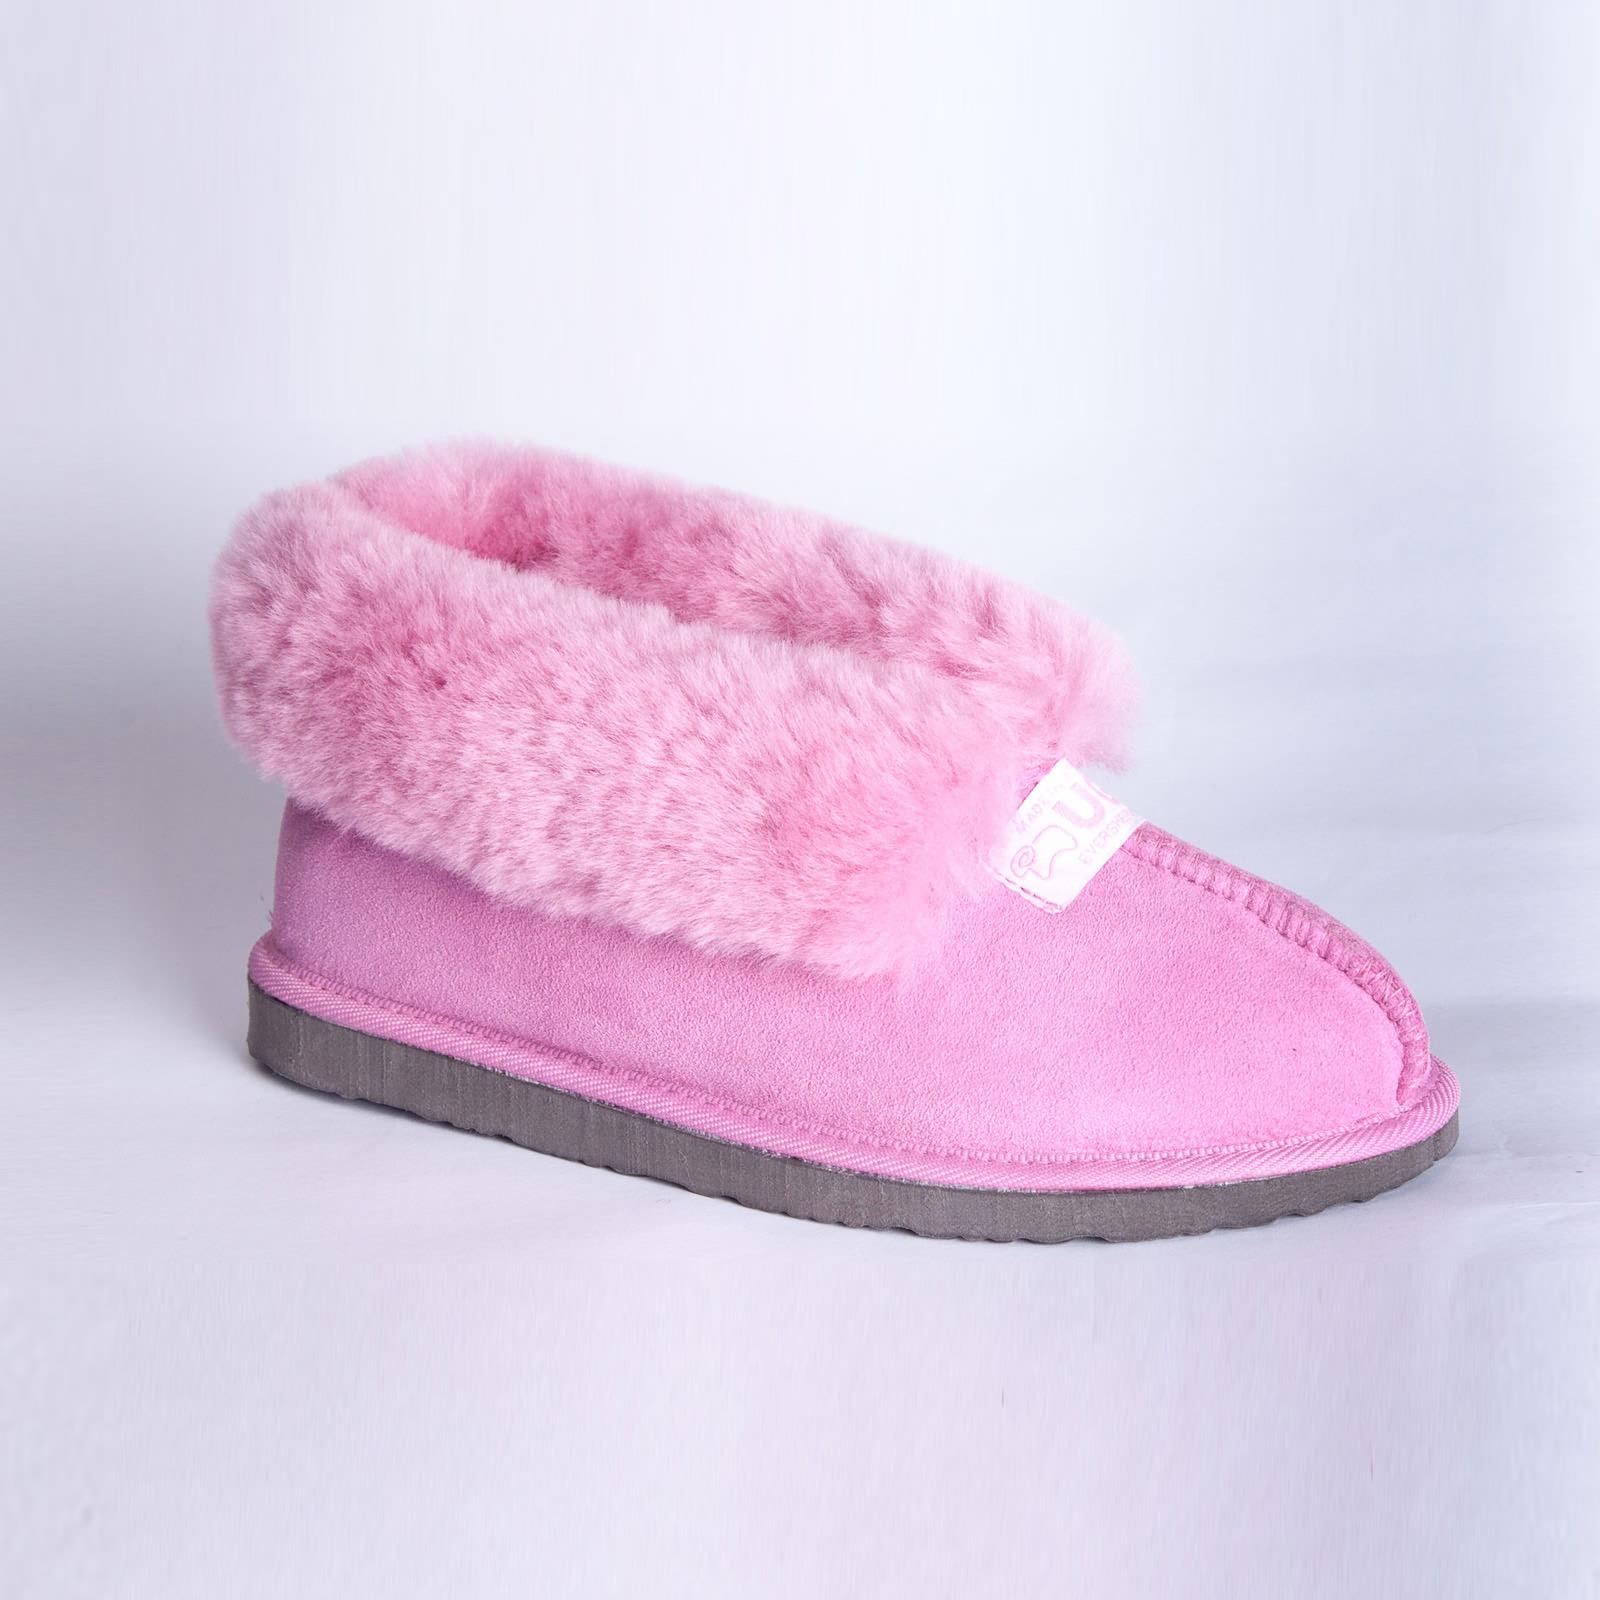 New Ugg Boots Australian Sheepskin Lady Mallow Slipper Pink Size M 9349788001917 | eBay